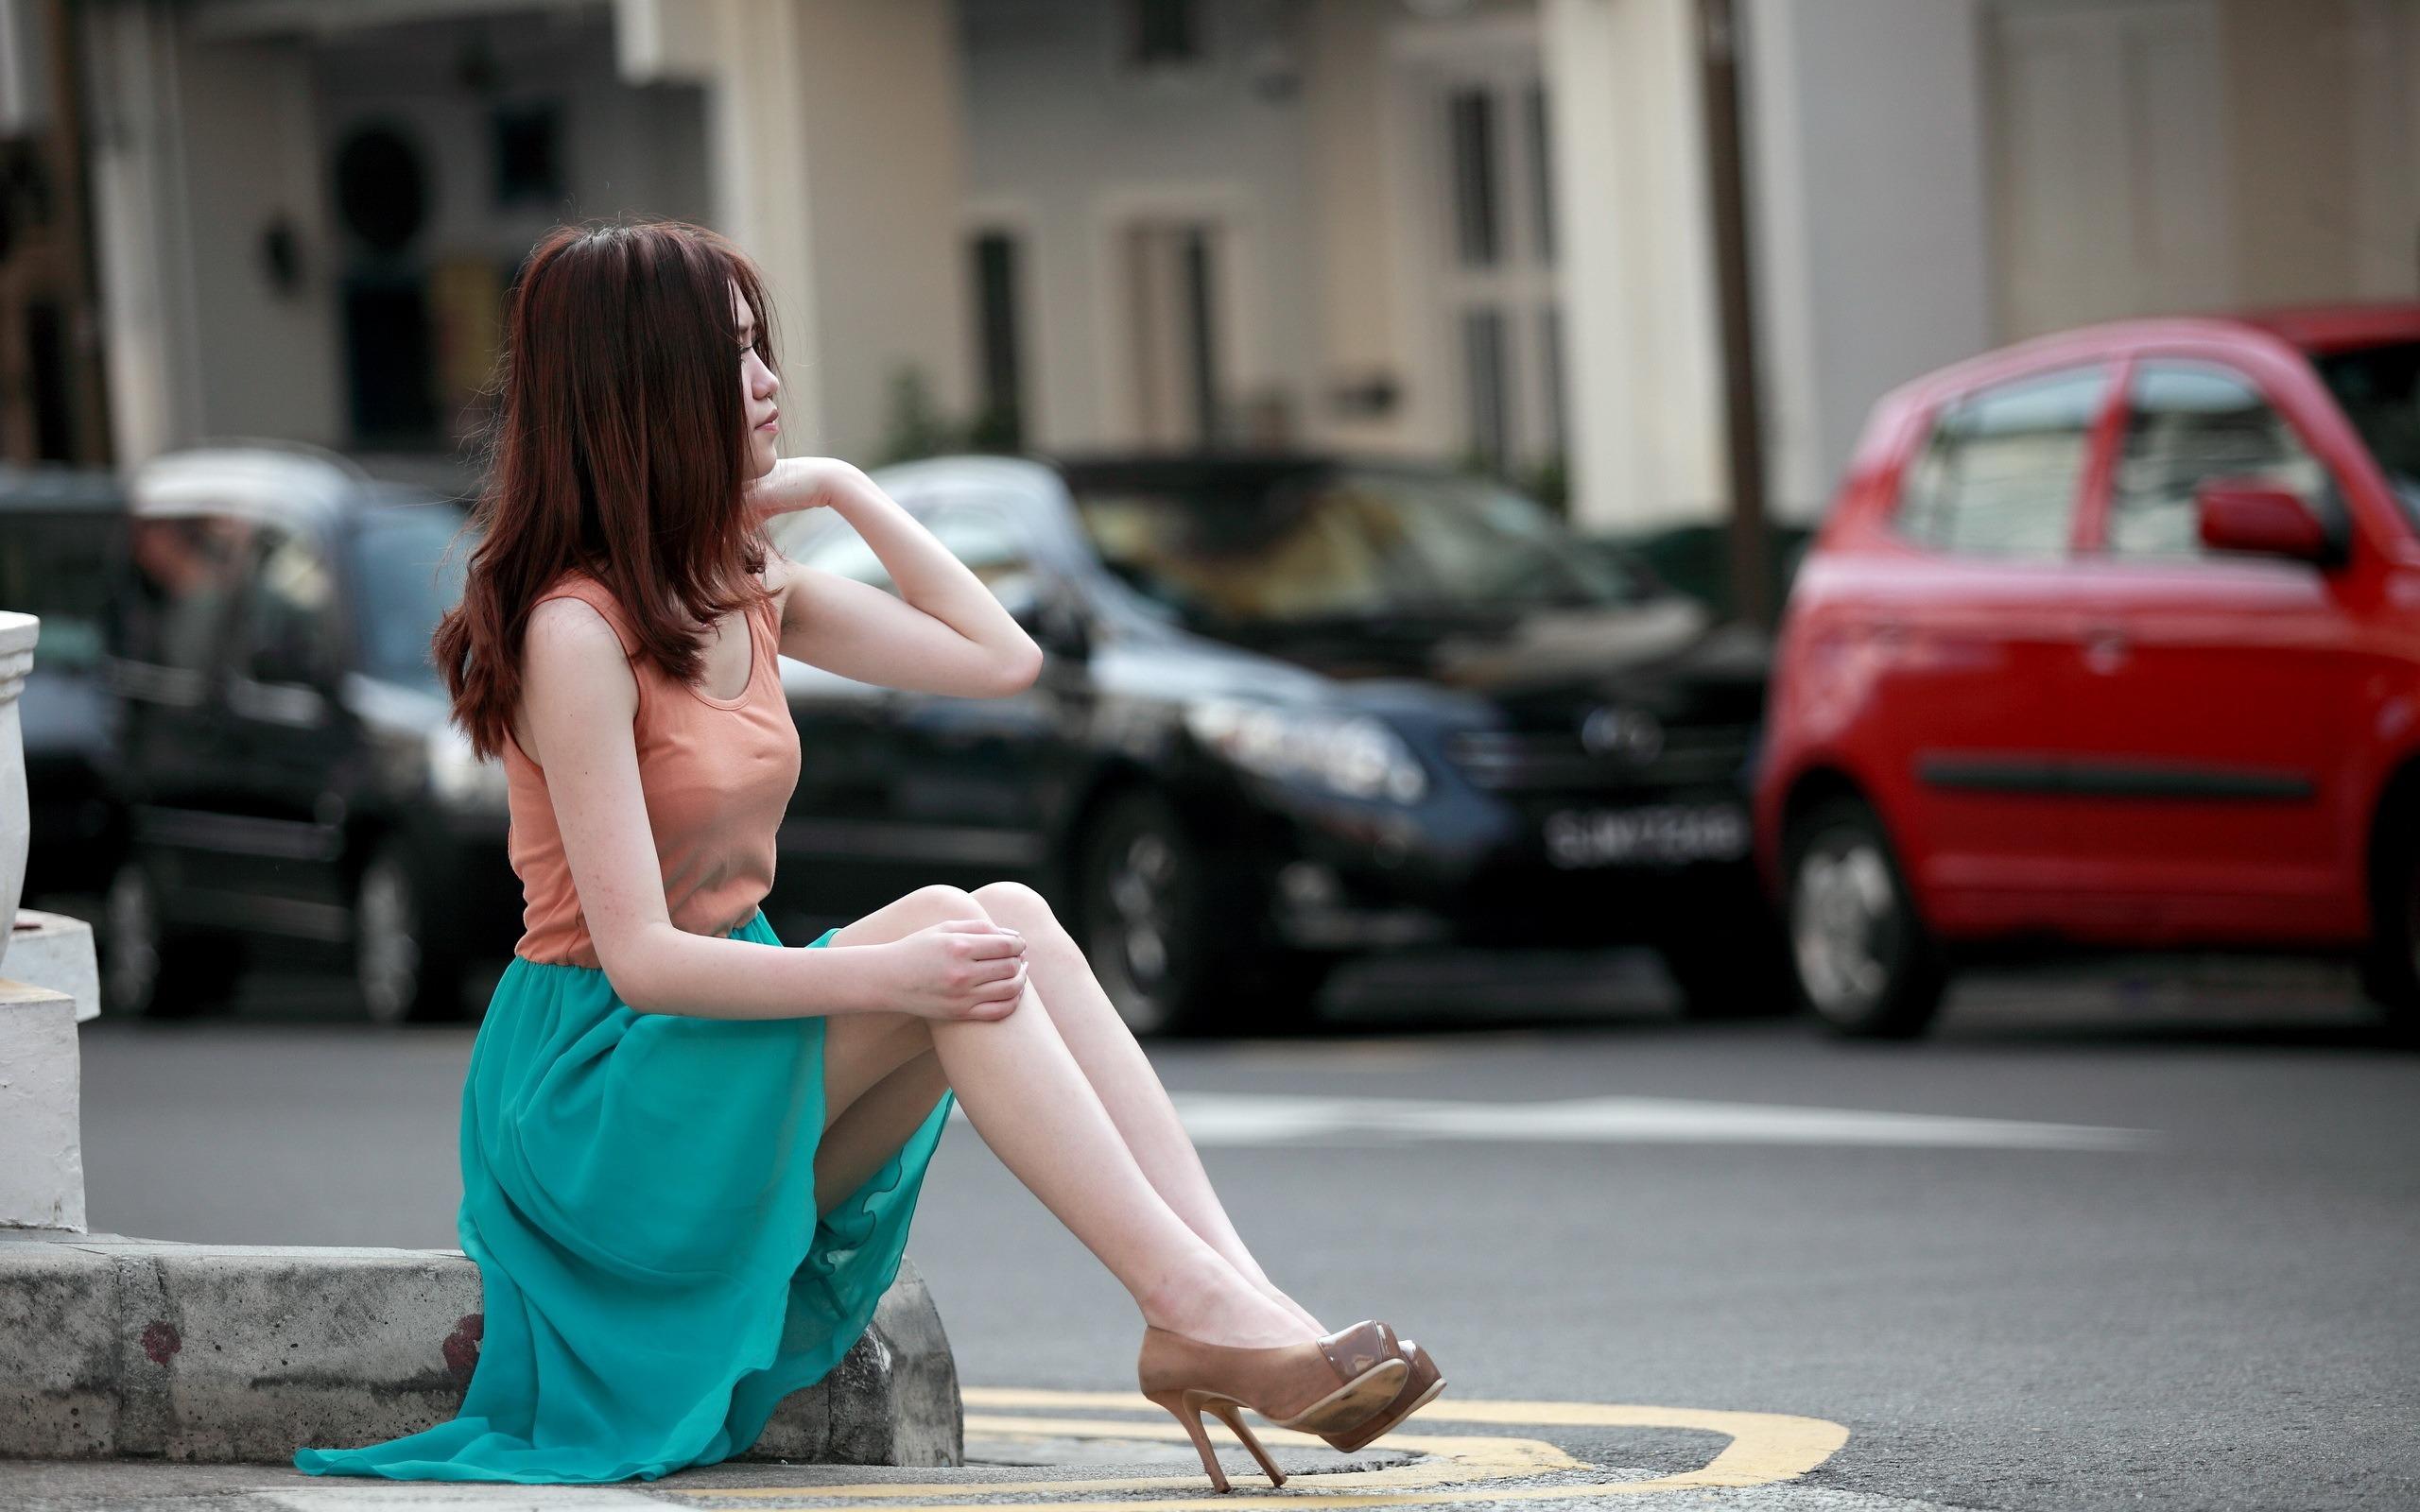 фото девушка в юбке на улице кончает